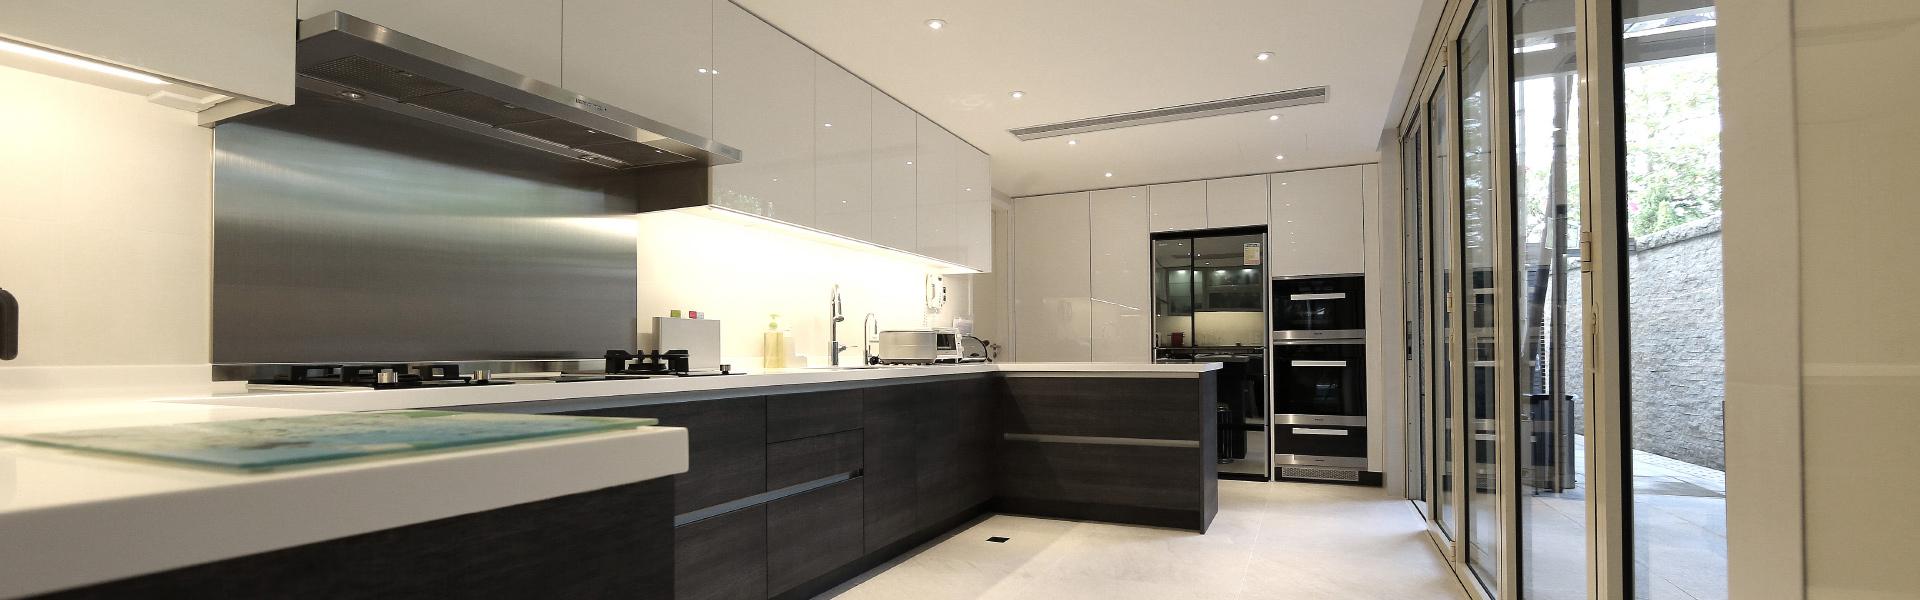 kitench kitchen